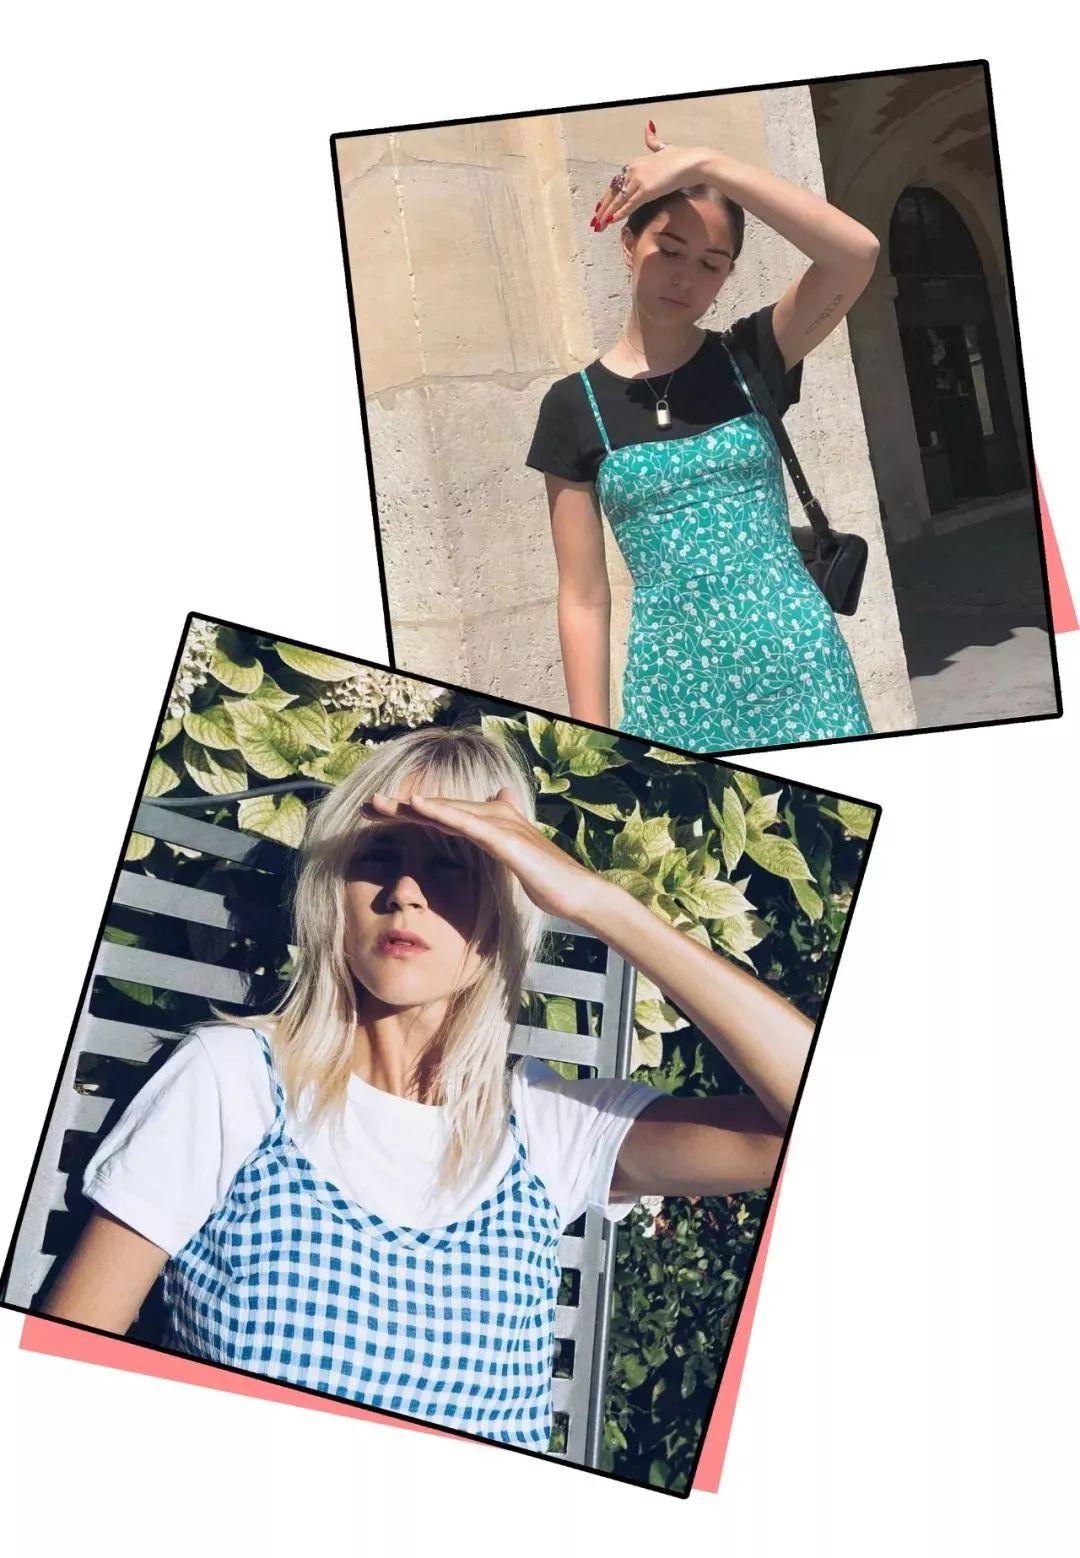 夏季穿衣搭配 吊带+短裙美到爆 回头率飙升!(图11)